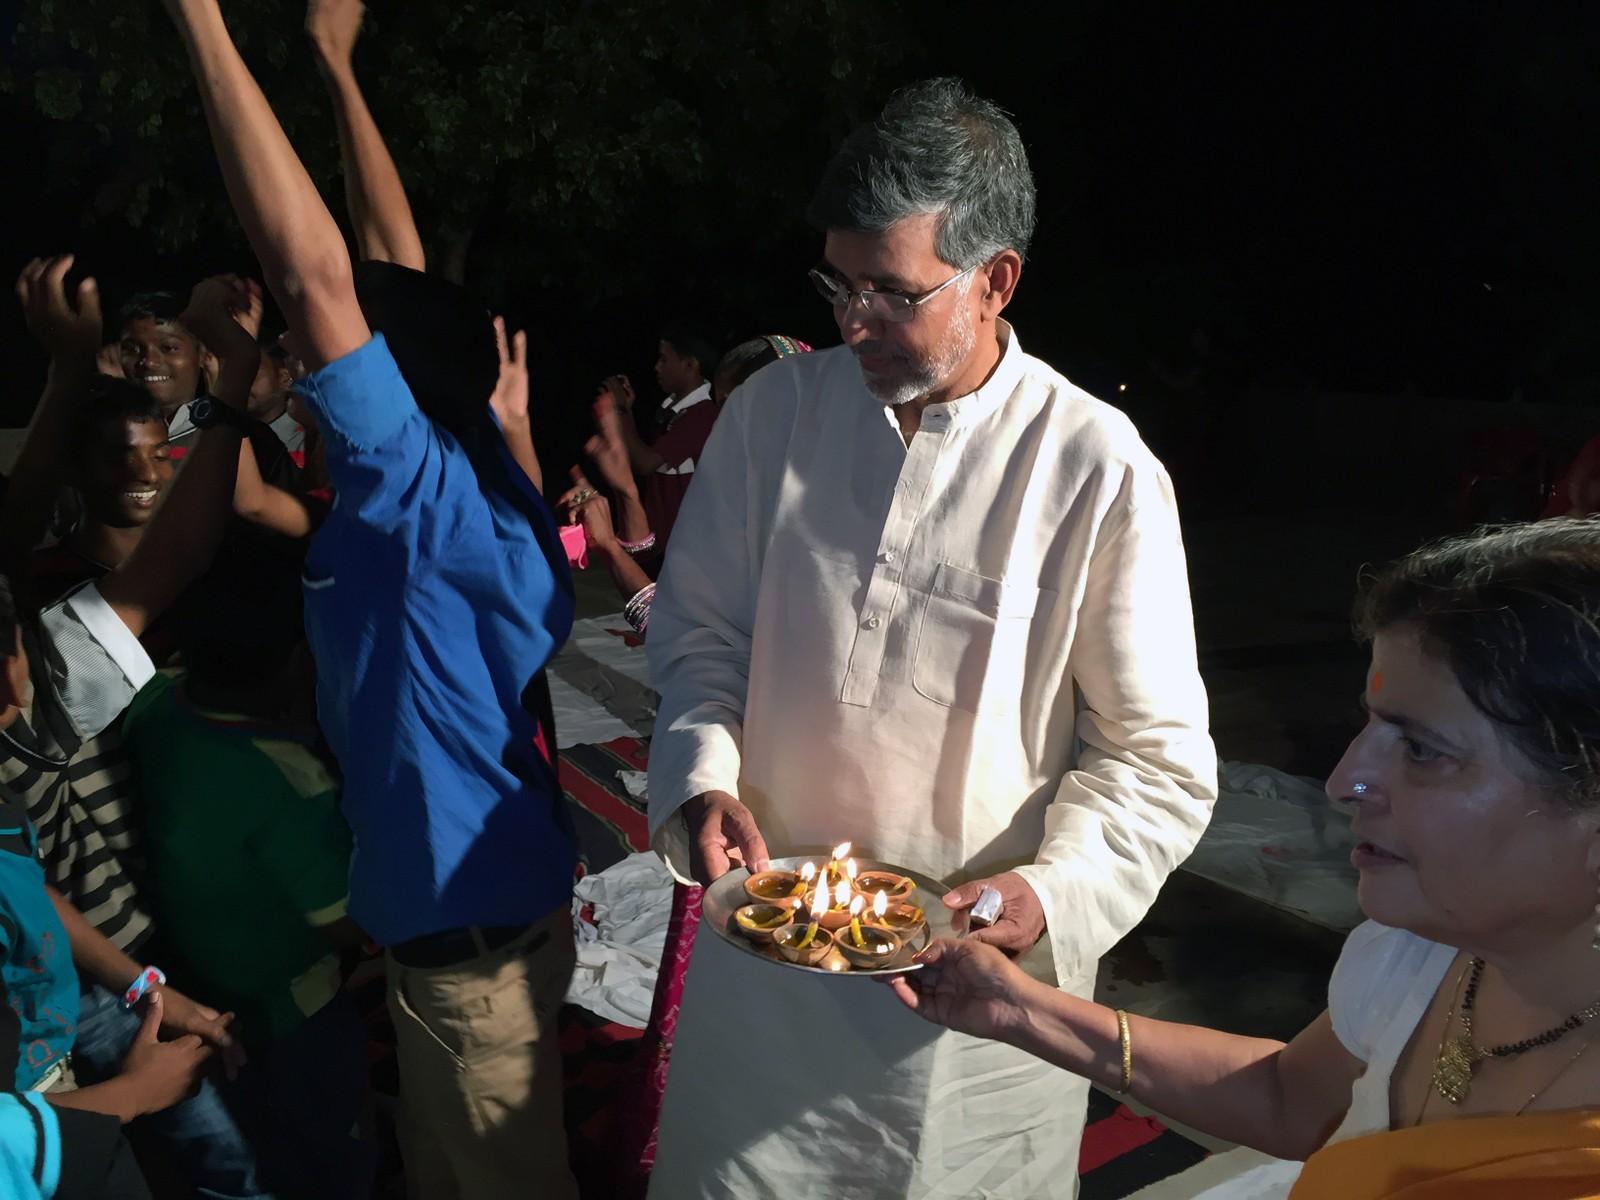 Feiringen av Diwali pågår mellom tre til fem dager, noe som guttene vet å sette pris på. Festen blir også en nyttårsfest fordi hinduenes nye år begynner i samme periode.